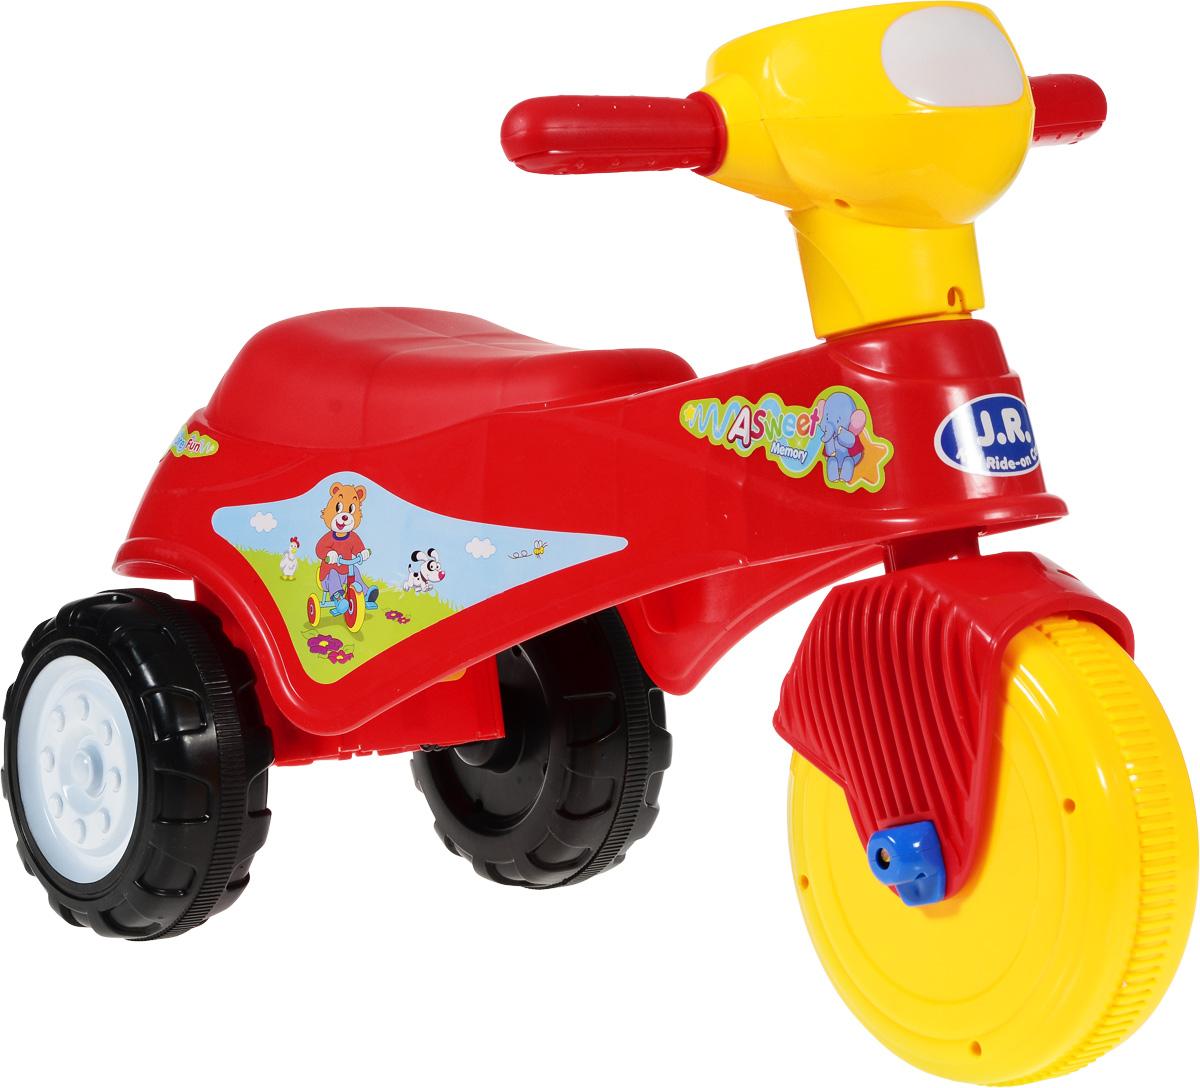 J.R. TOYS Каталка детская Трицикл цвет красный